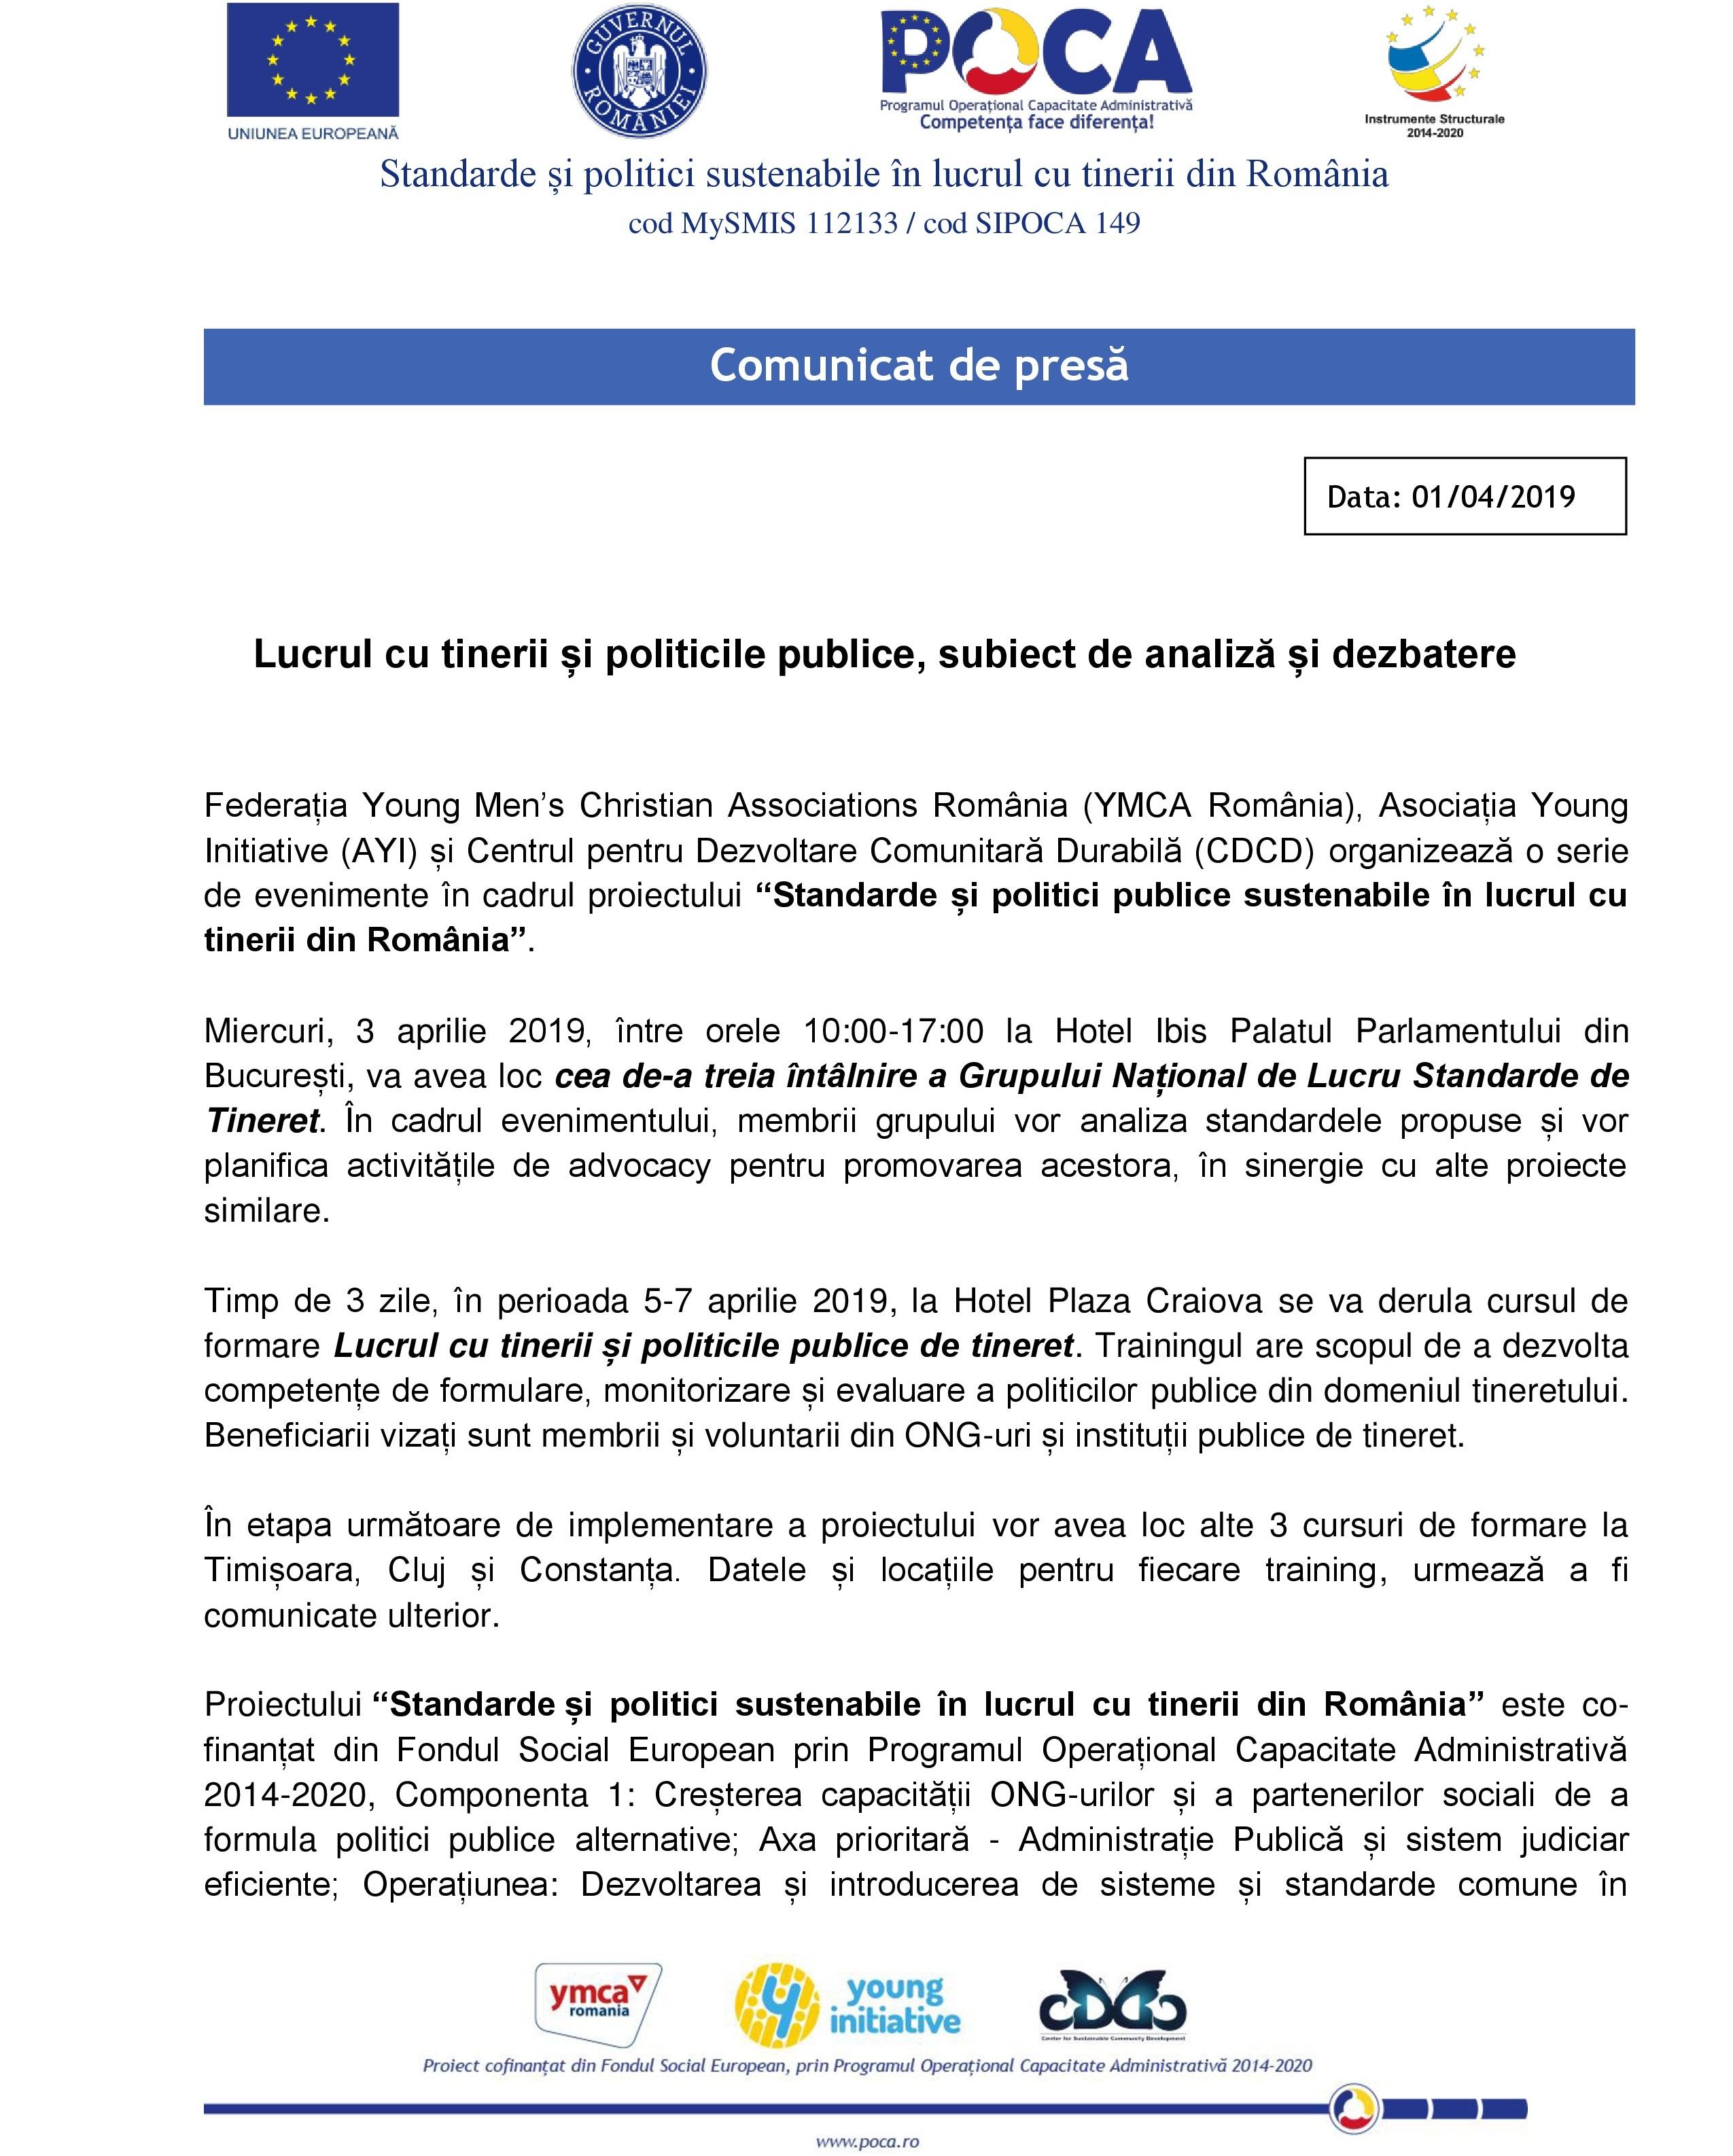 COMUNICAT DE PRESĂ. Lucrul cu tinerii și politicile publice, subiect de analiză și dezbatere